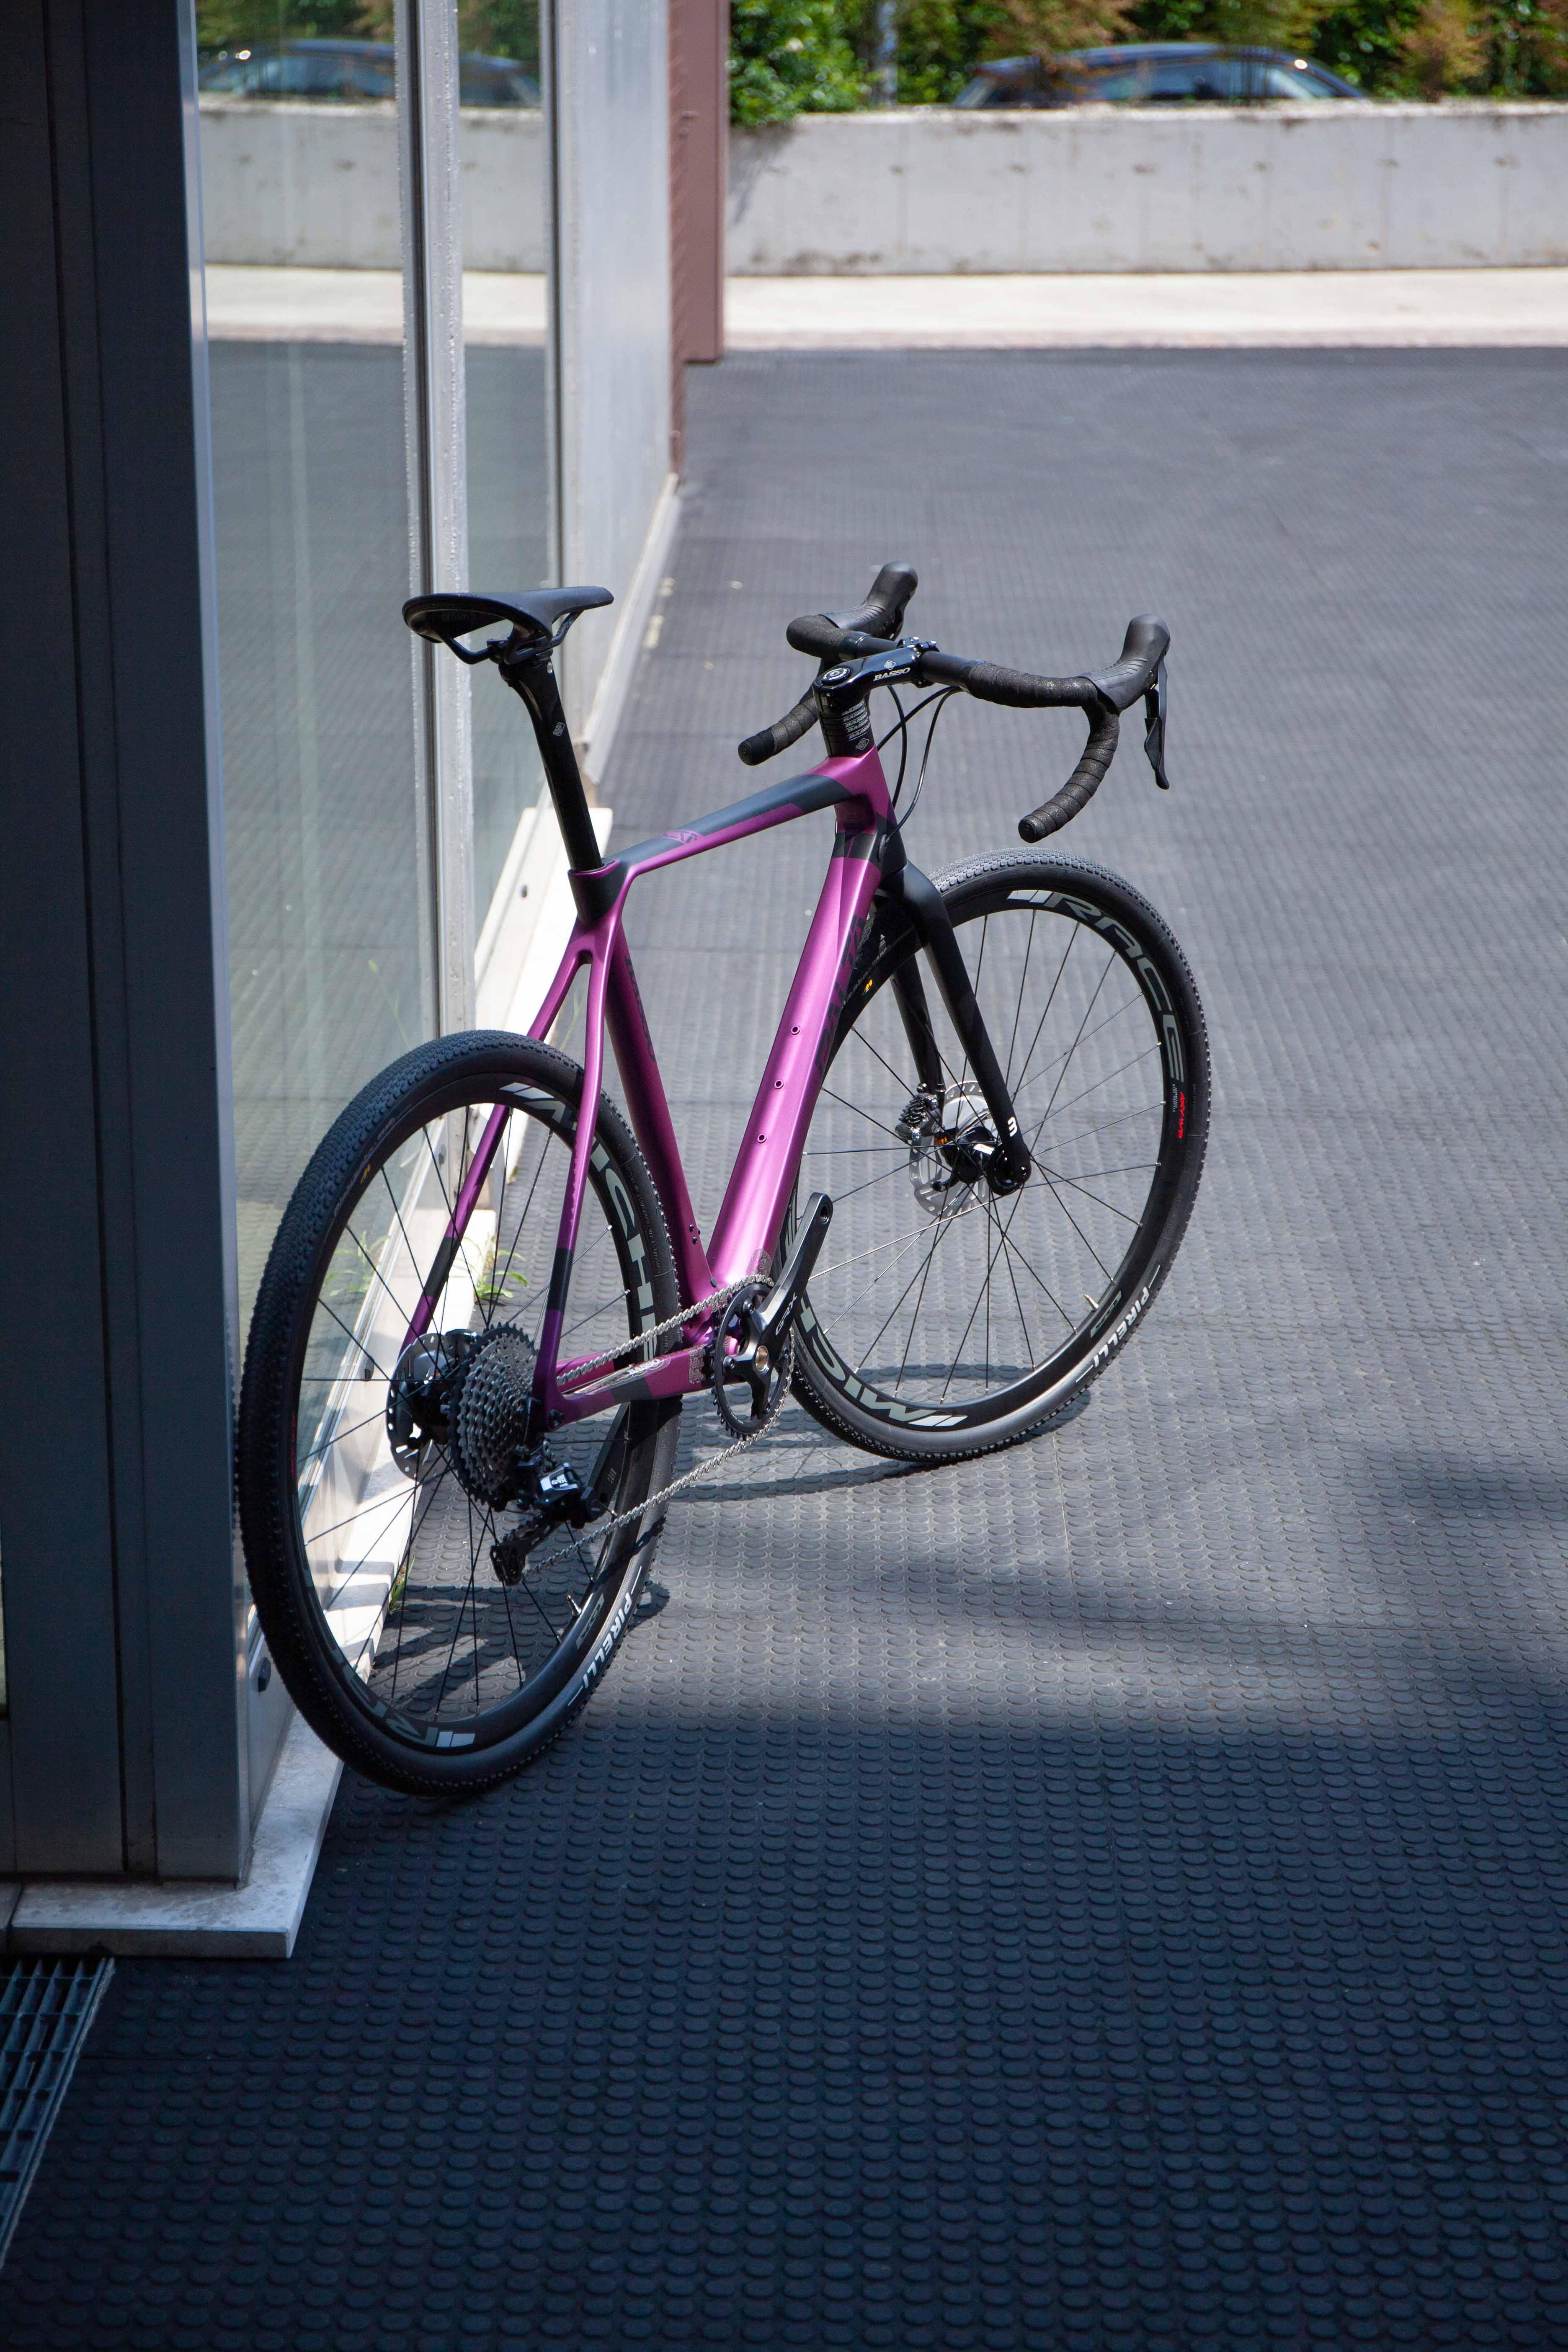 Cicli Corsa Basso Palta Purple L grx-10